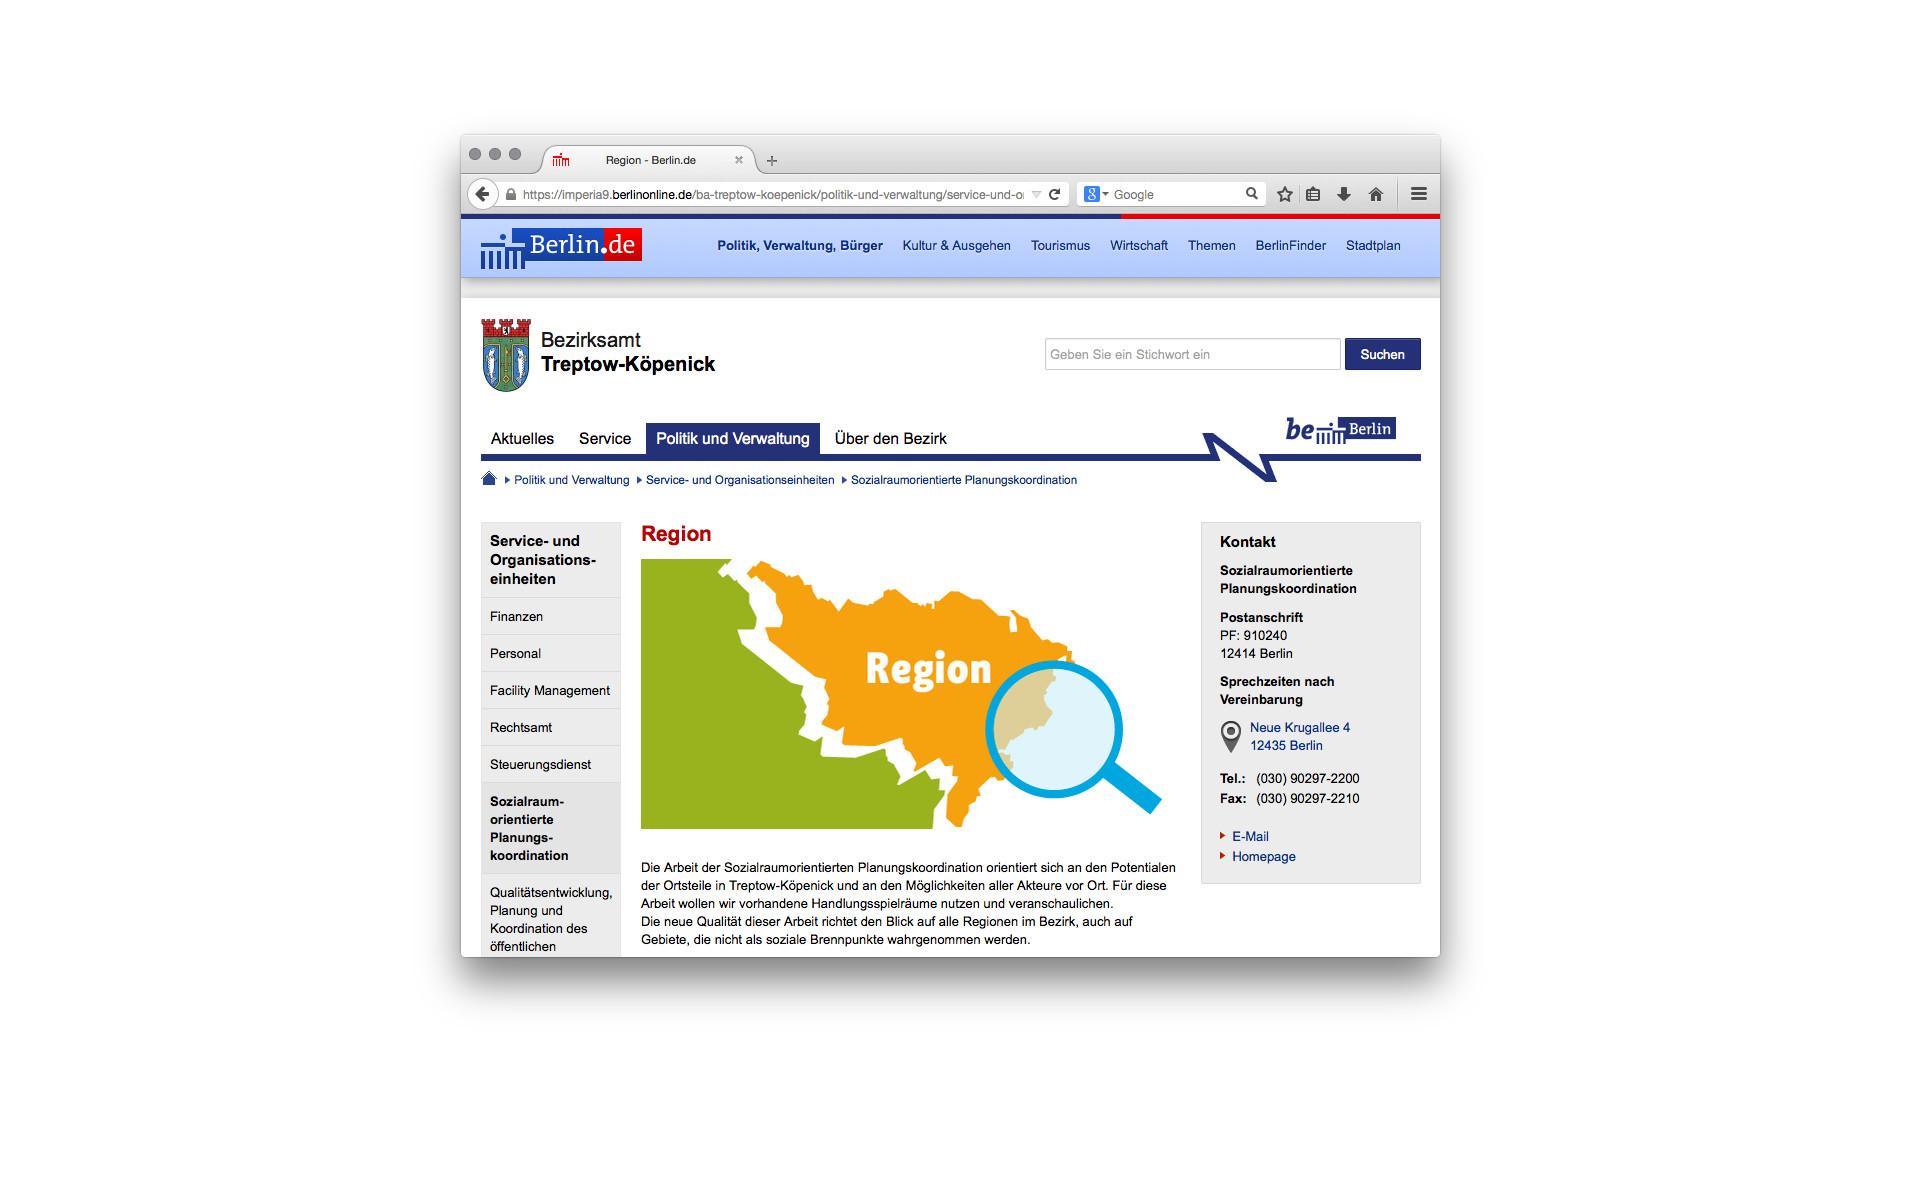 Sozialraumorientierte Planungskoordination Icons Webentwicklung Grafik Design